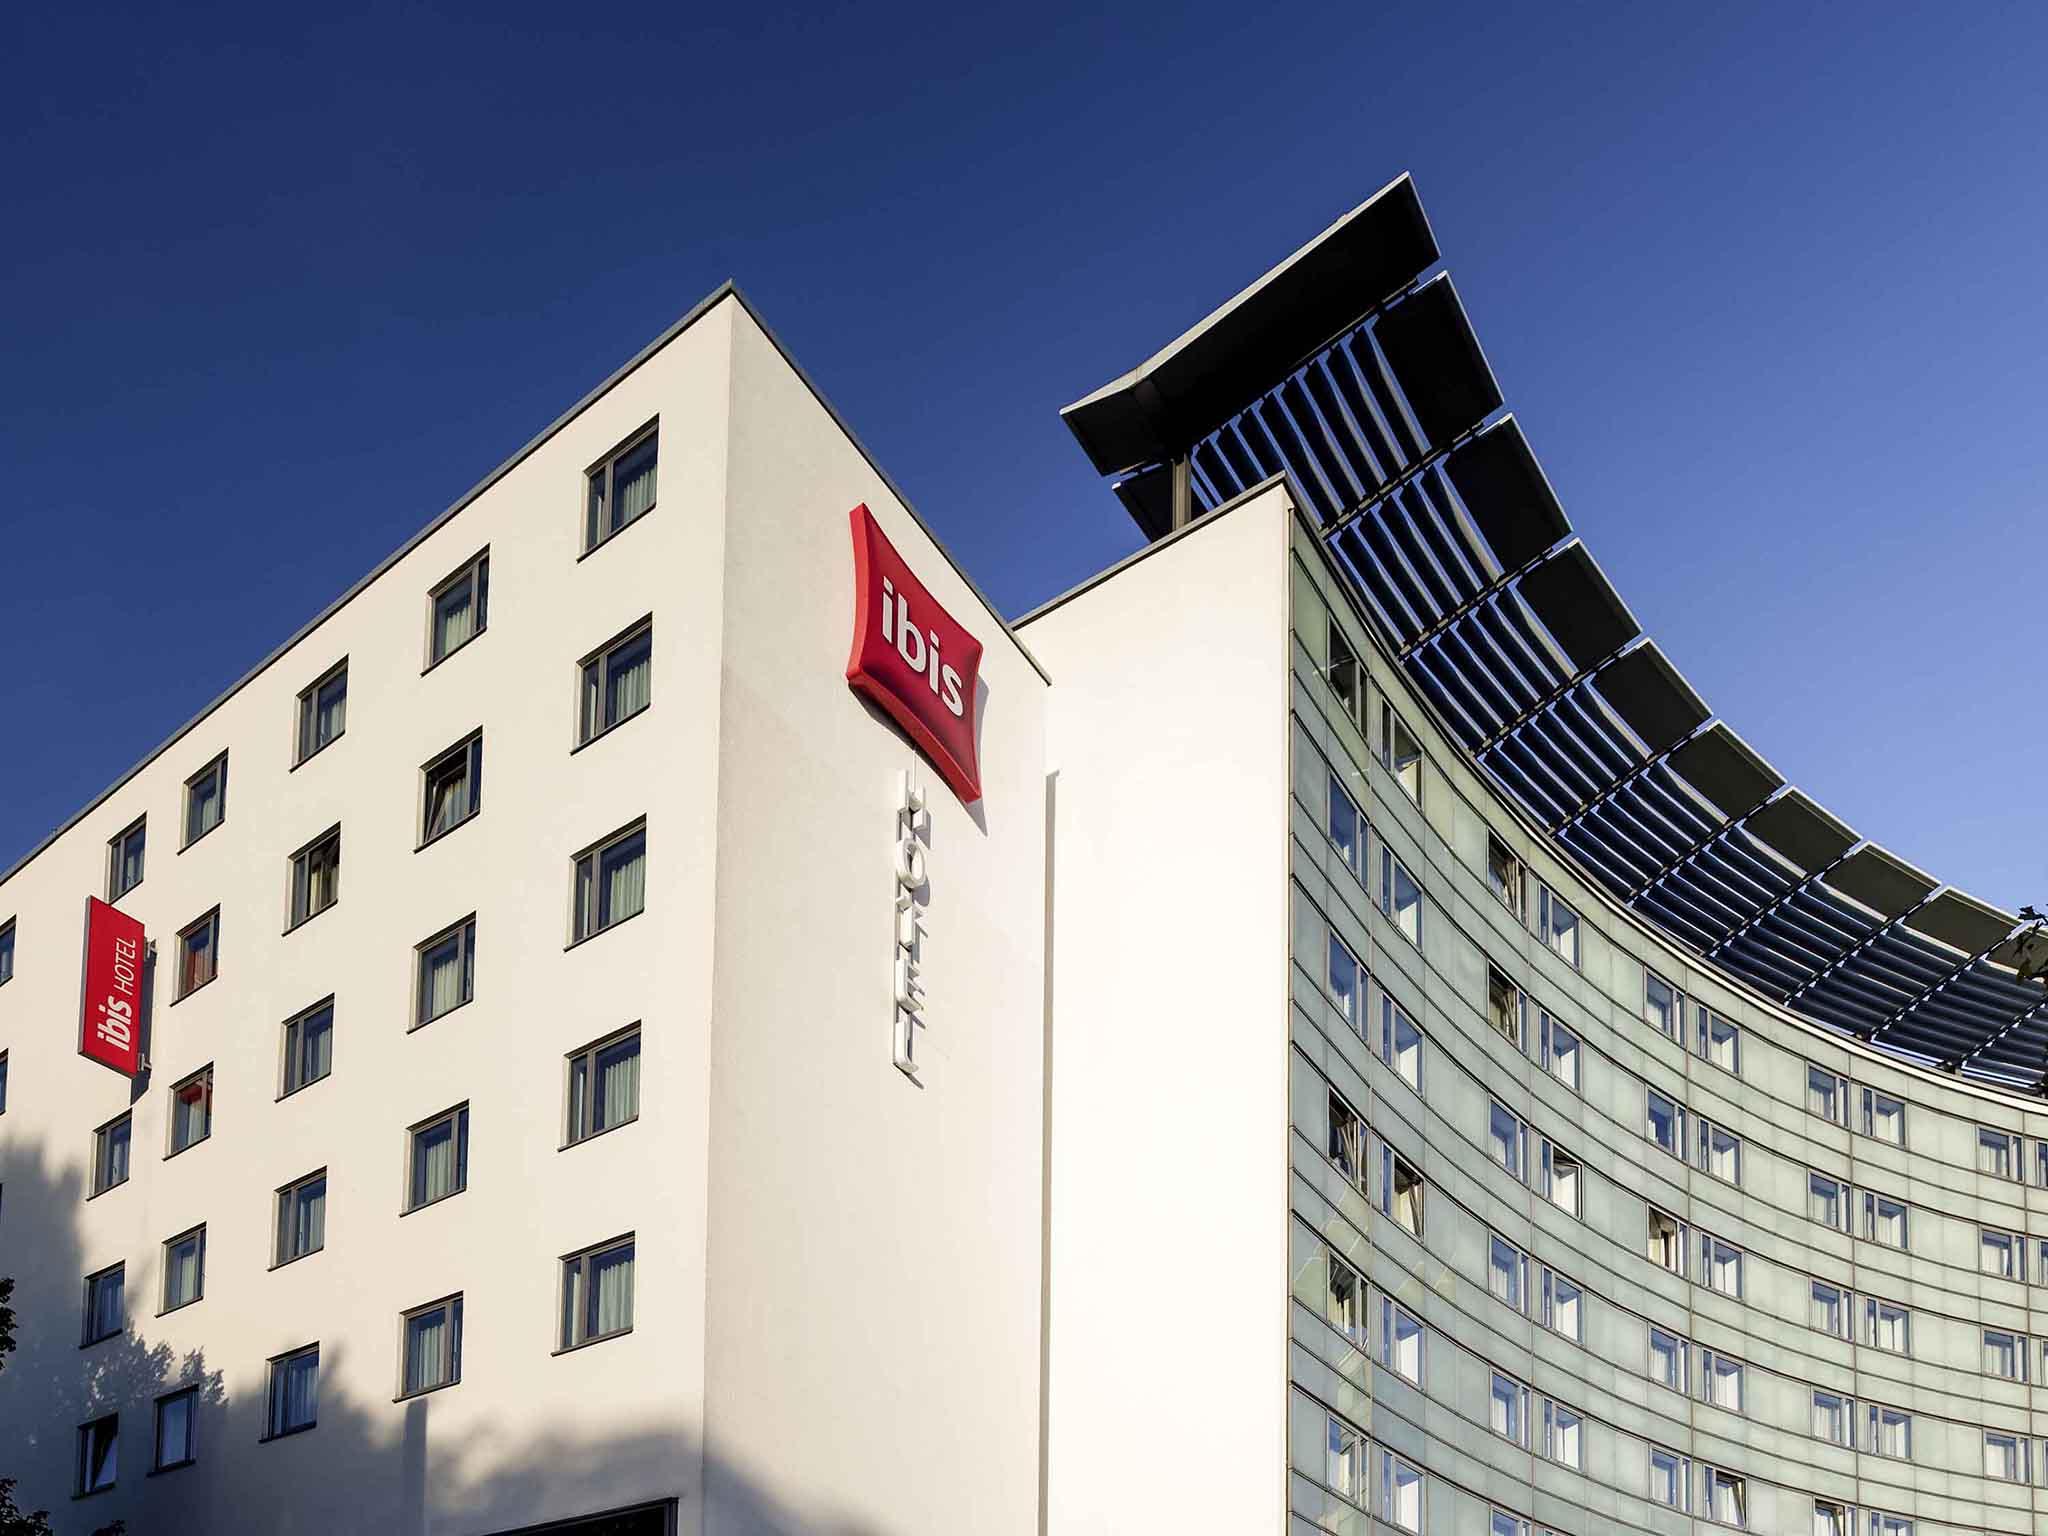 מלון Ibis Berlin Mitte Prenzlauer